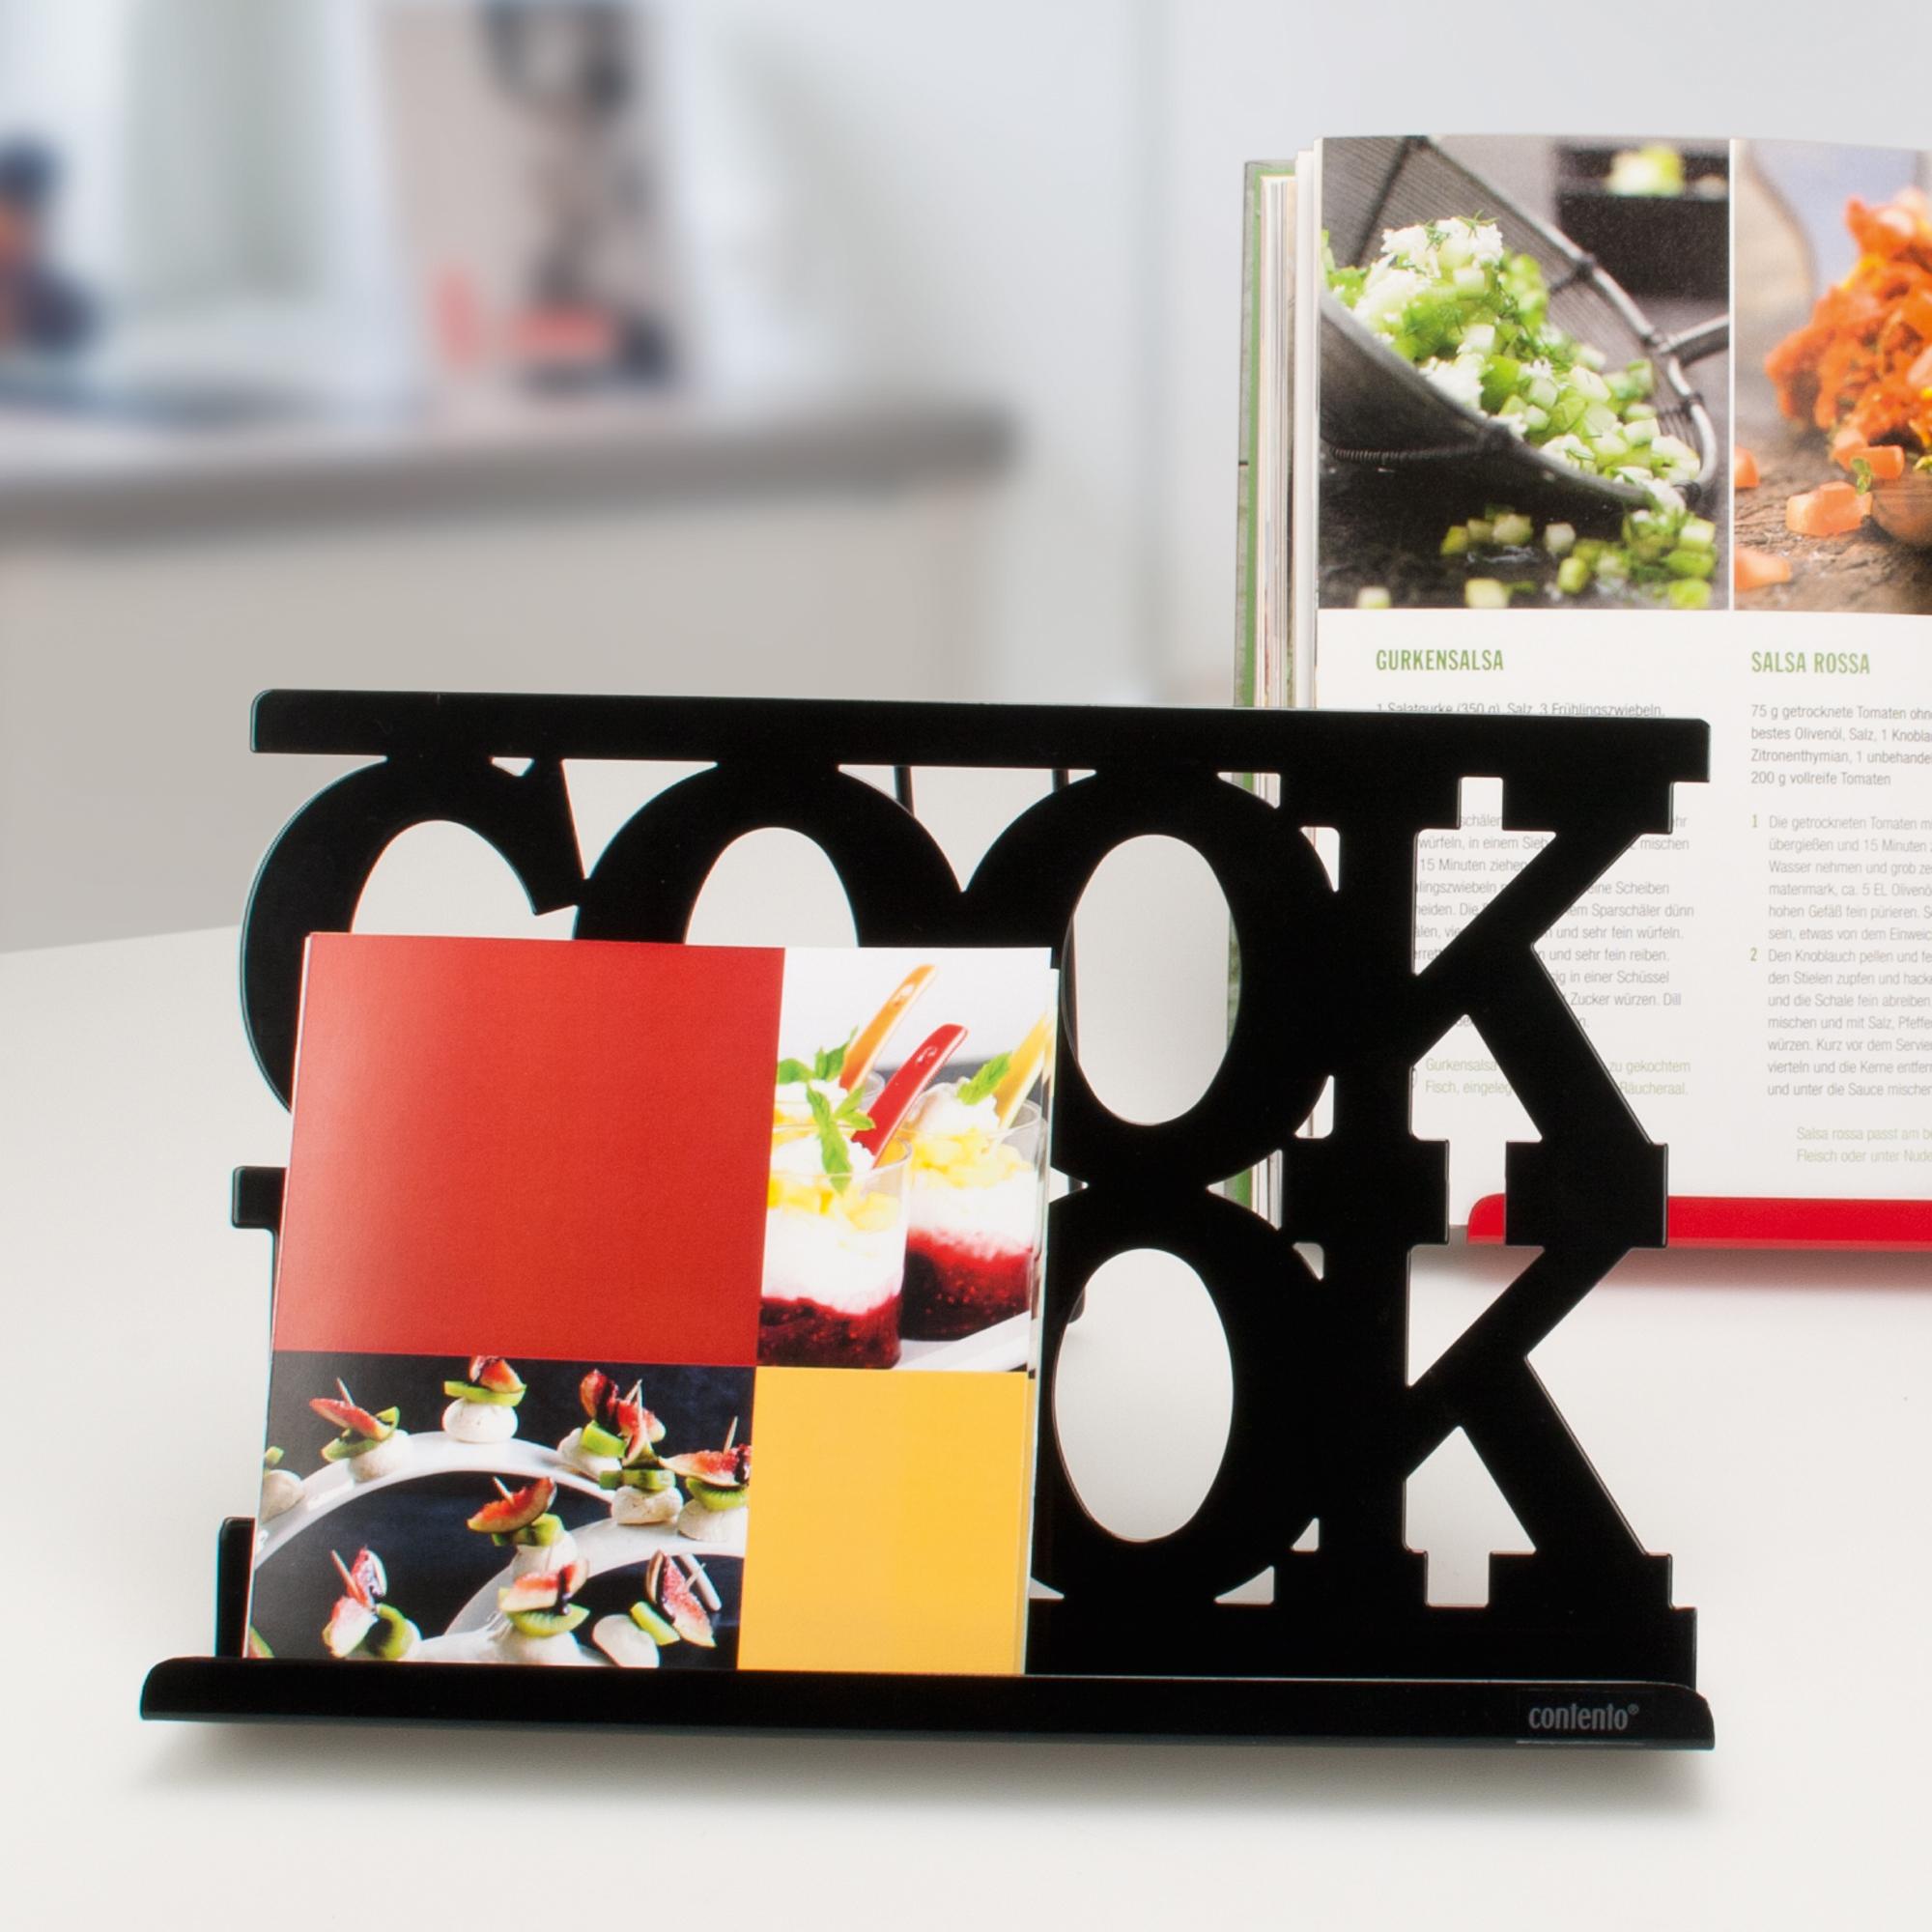 Küche - Contento Living